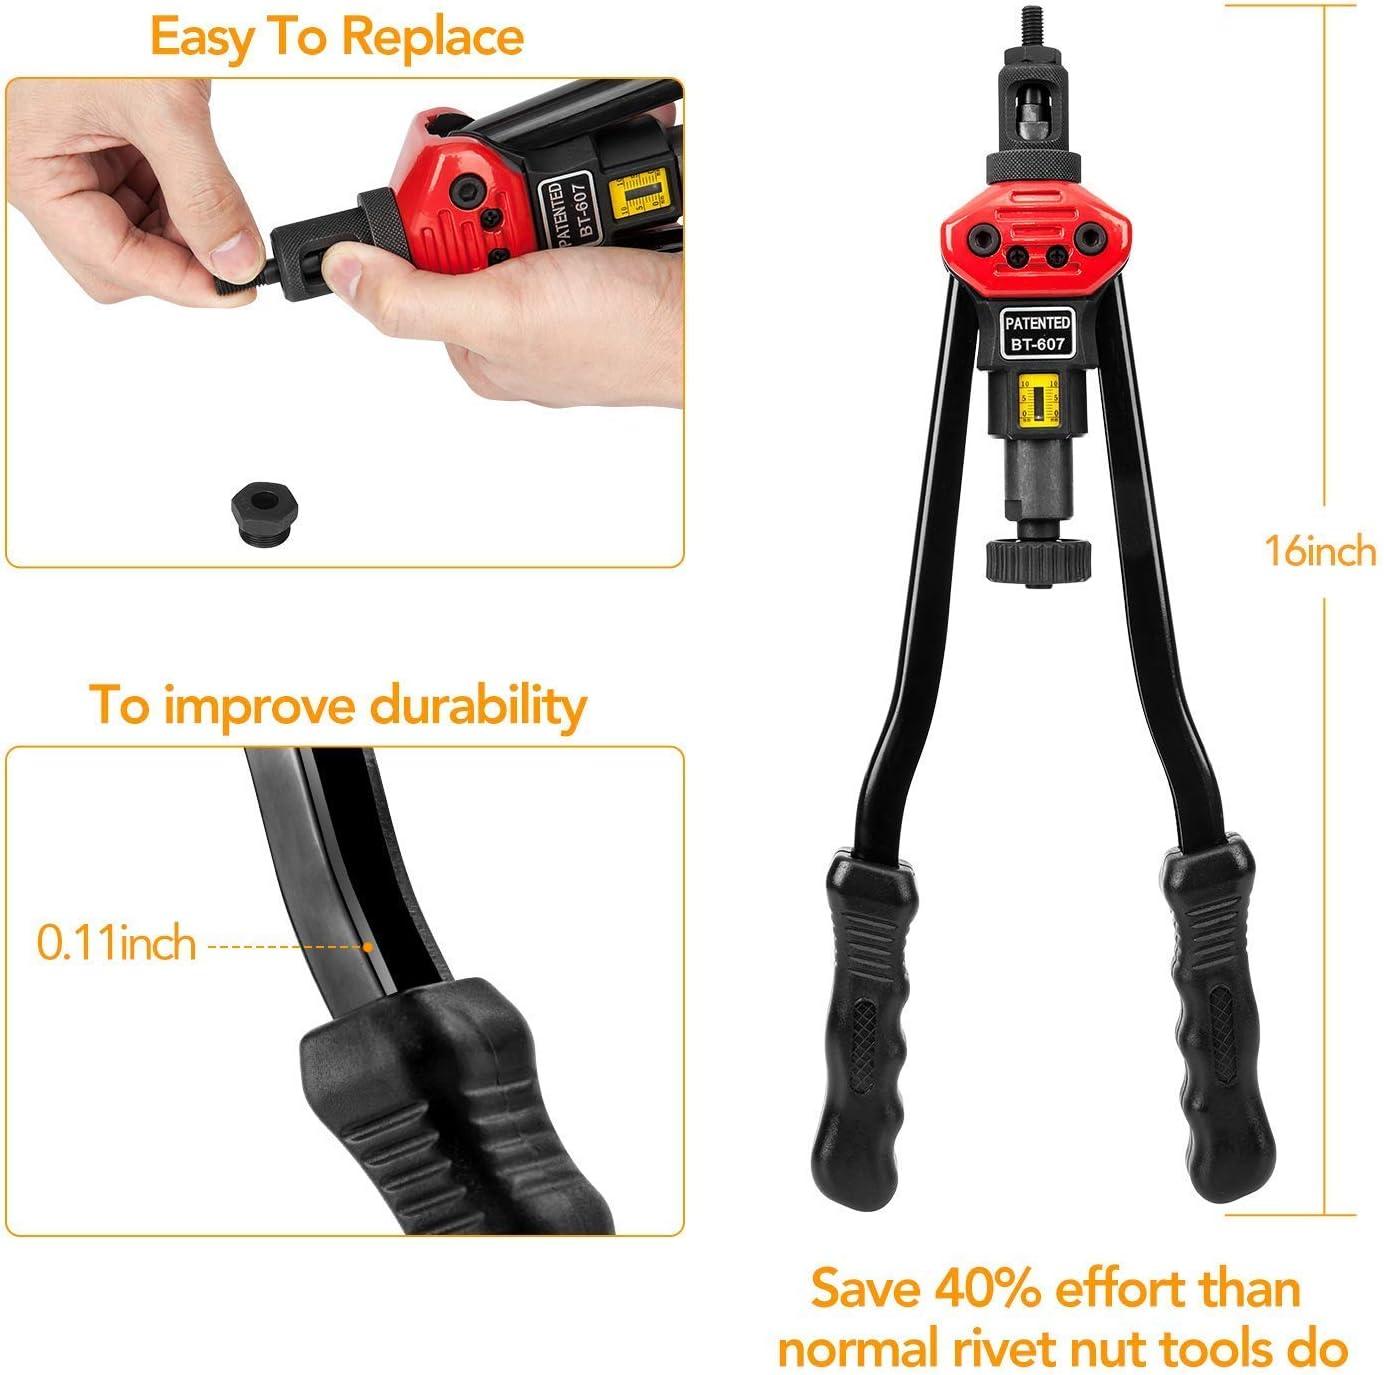 """16/""""Hand Rivet Nut Tool Professional Rivet Nut Setter Kit with 11PCS Metric /& Inch Mandrels,55PCS Rivet Nuts"""